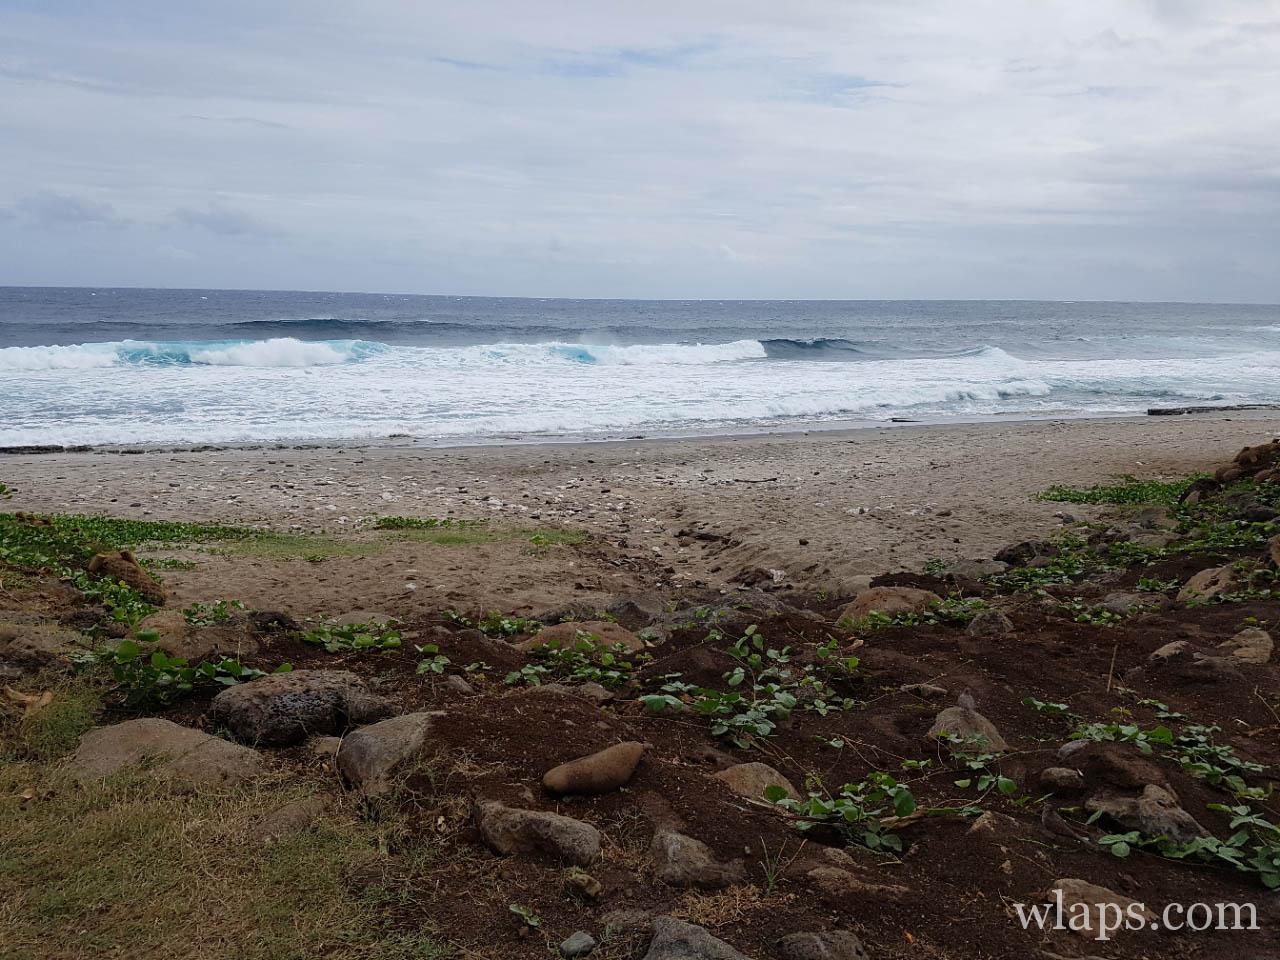 L'océan à la plage de Grande Anse à l'île de La Réunion